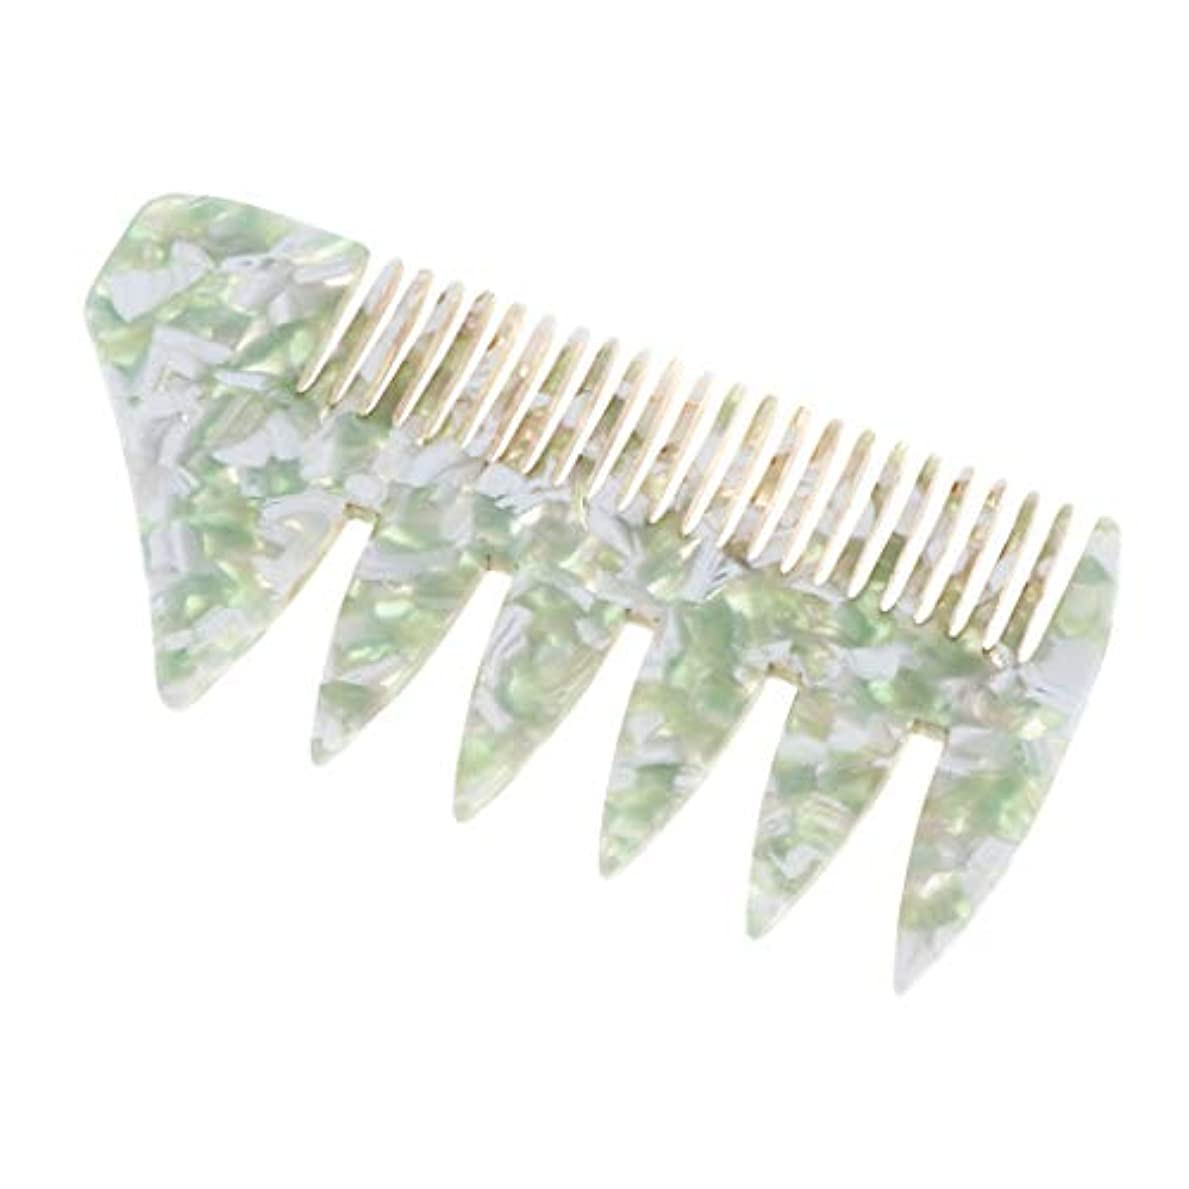 アソシエイト入植者タンザニアSM SunniMix プラスチック 広い歯 ヘアスタイリング櫛 くし 全4色 - 緑